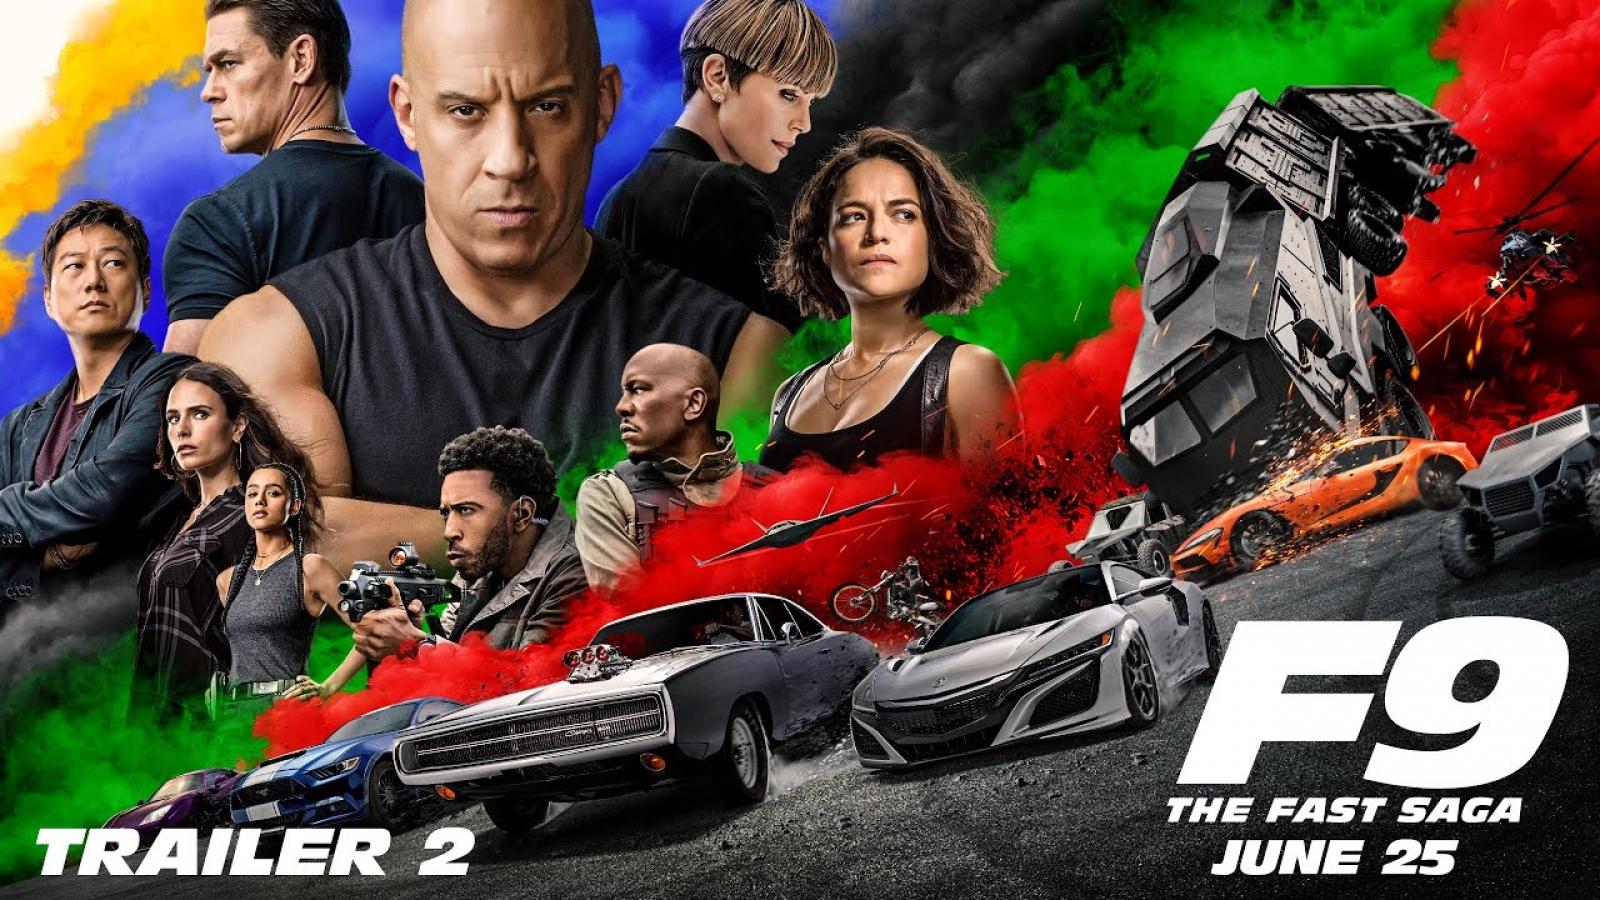 """Bom tấn """"Fast & Furious 9"""" trình làng trailer rượt đuổi gay cấn, ngoạn mục"""